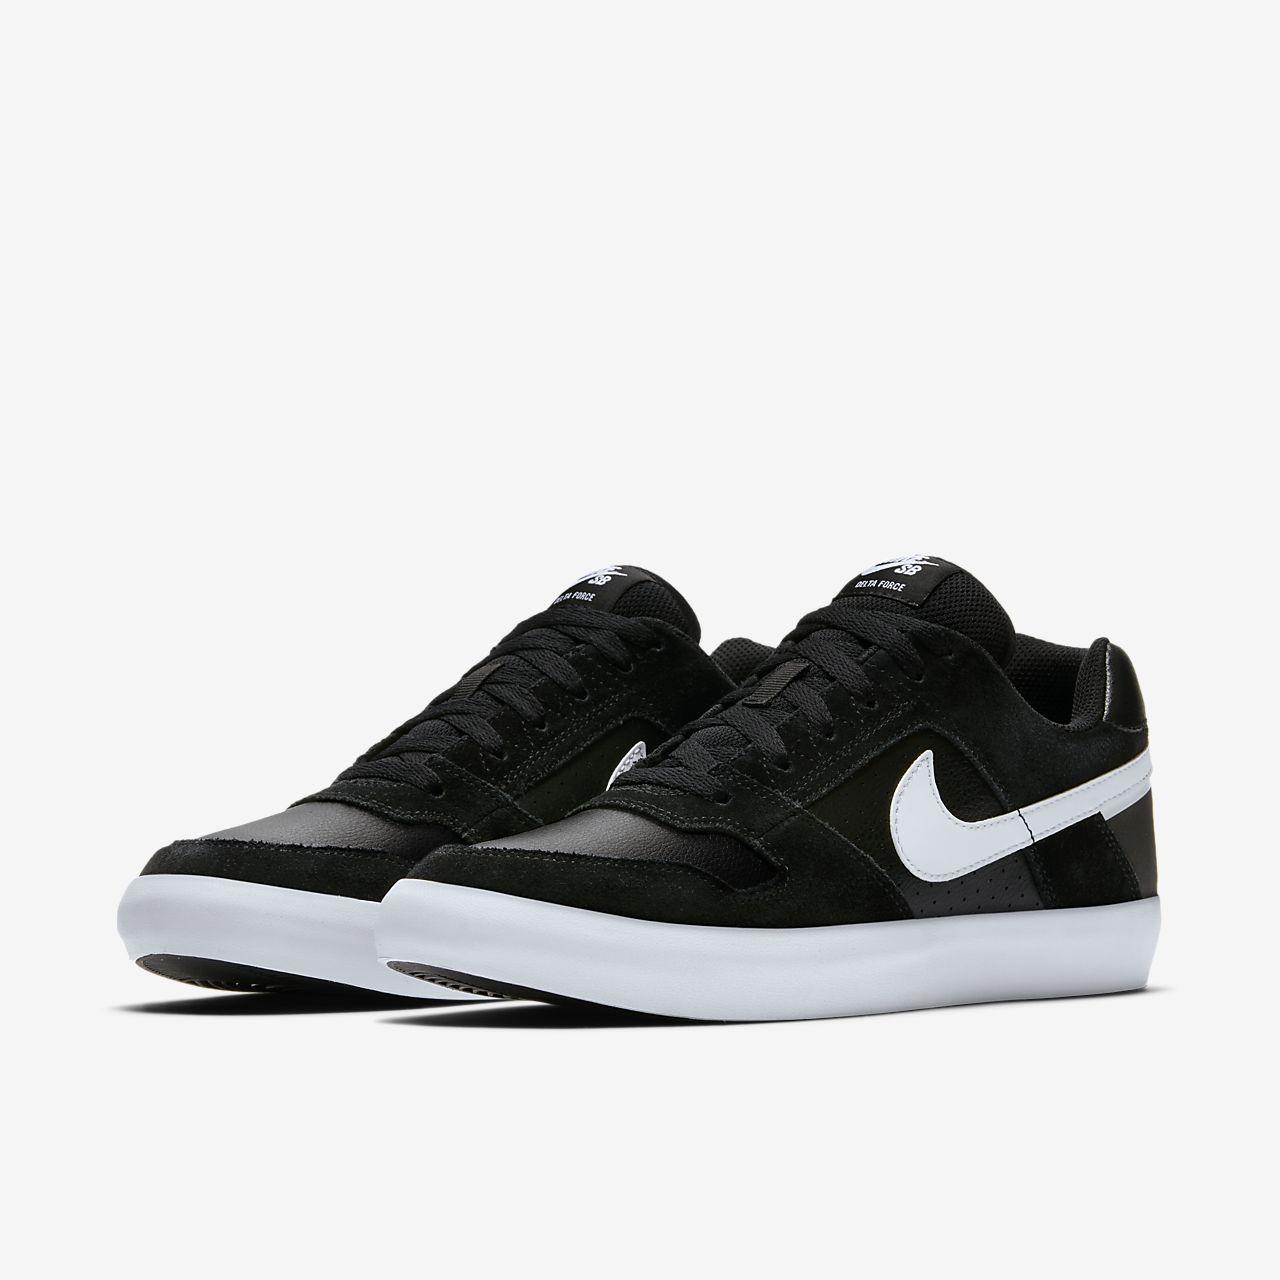 Sb Delta Chaussure De Skateboard Pour HommeCa Nike Force Vulc WxeQdCBroE